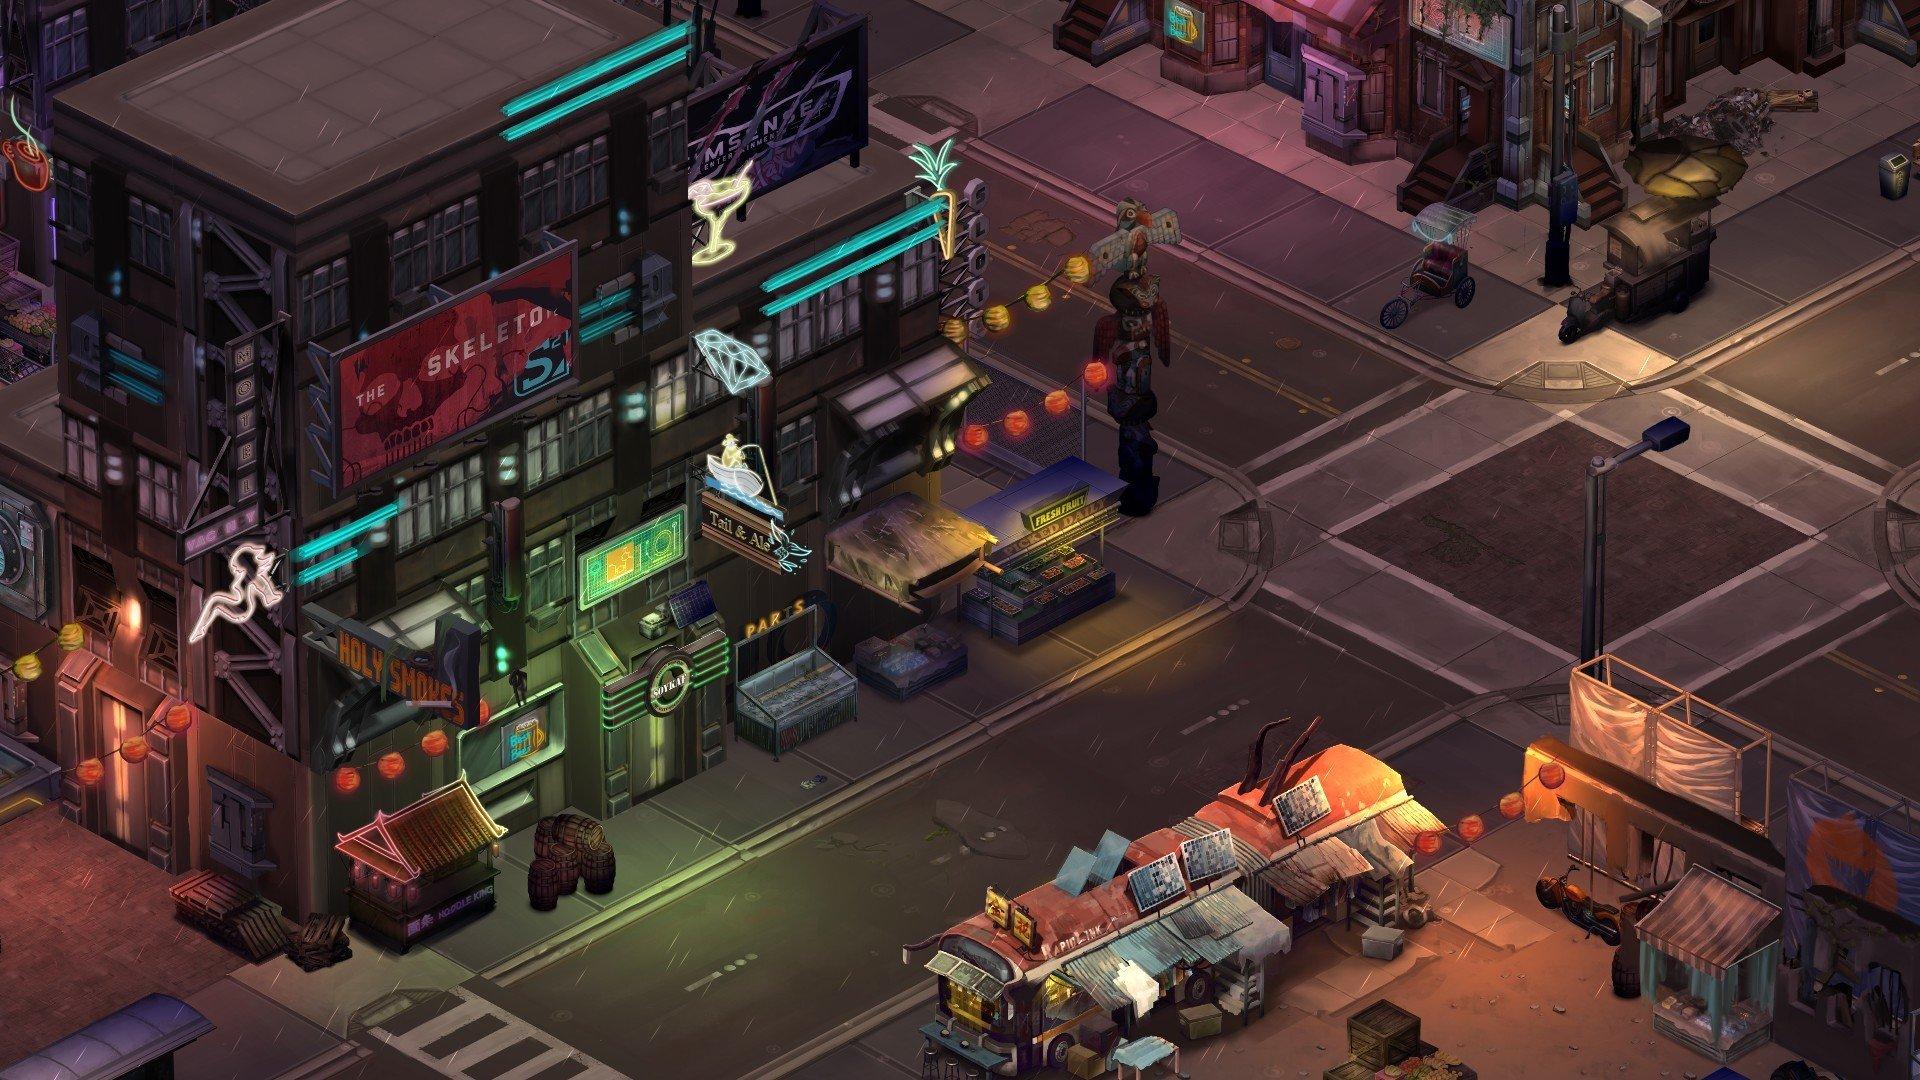 Будущее наступило раньше игры похожие на Cyberpunk для слабых ПК